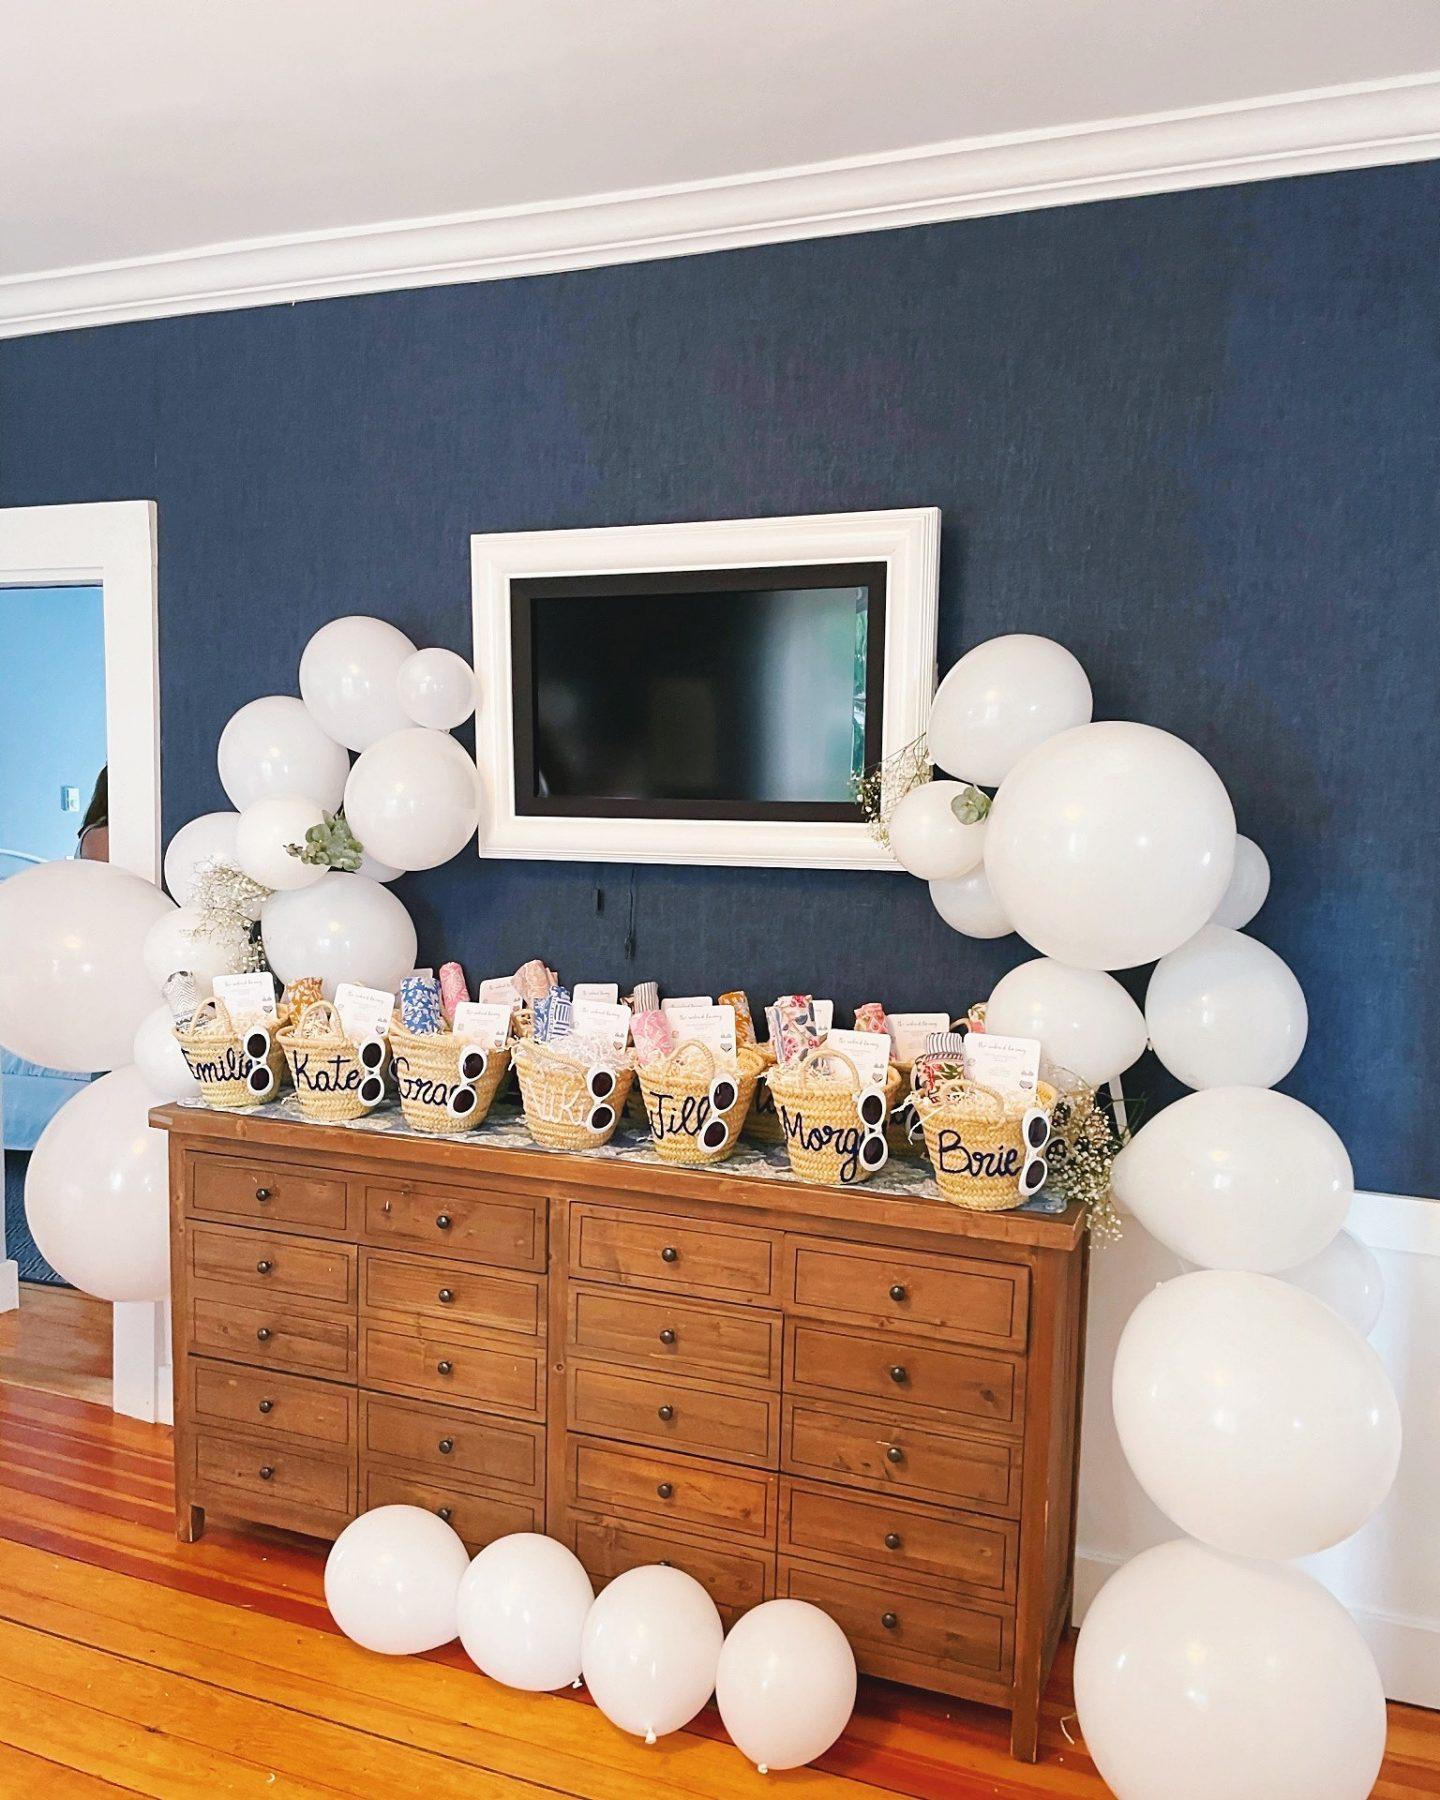 White Balloon Arch Garland